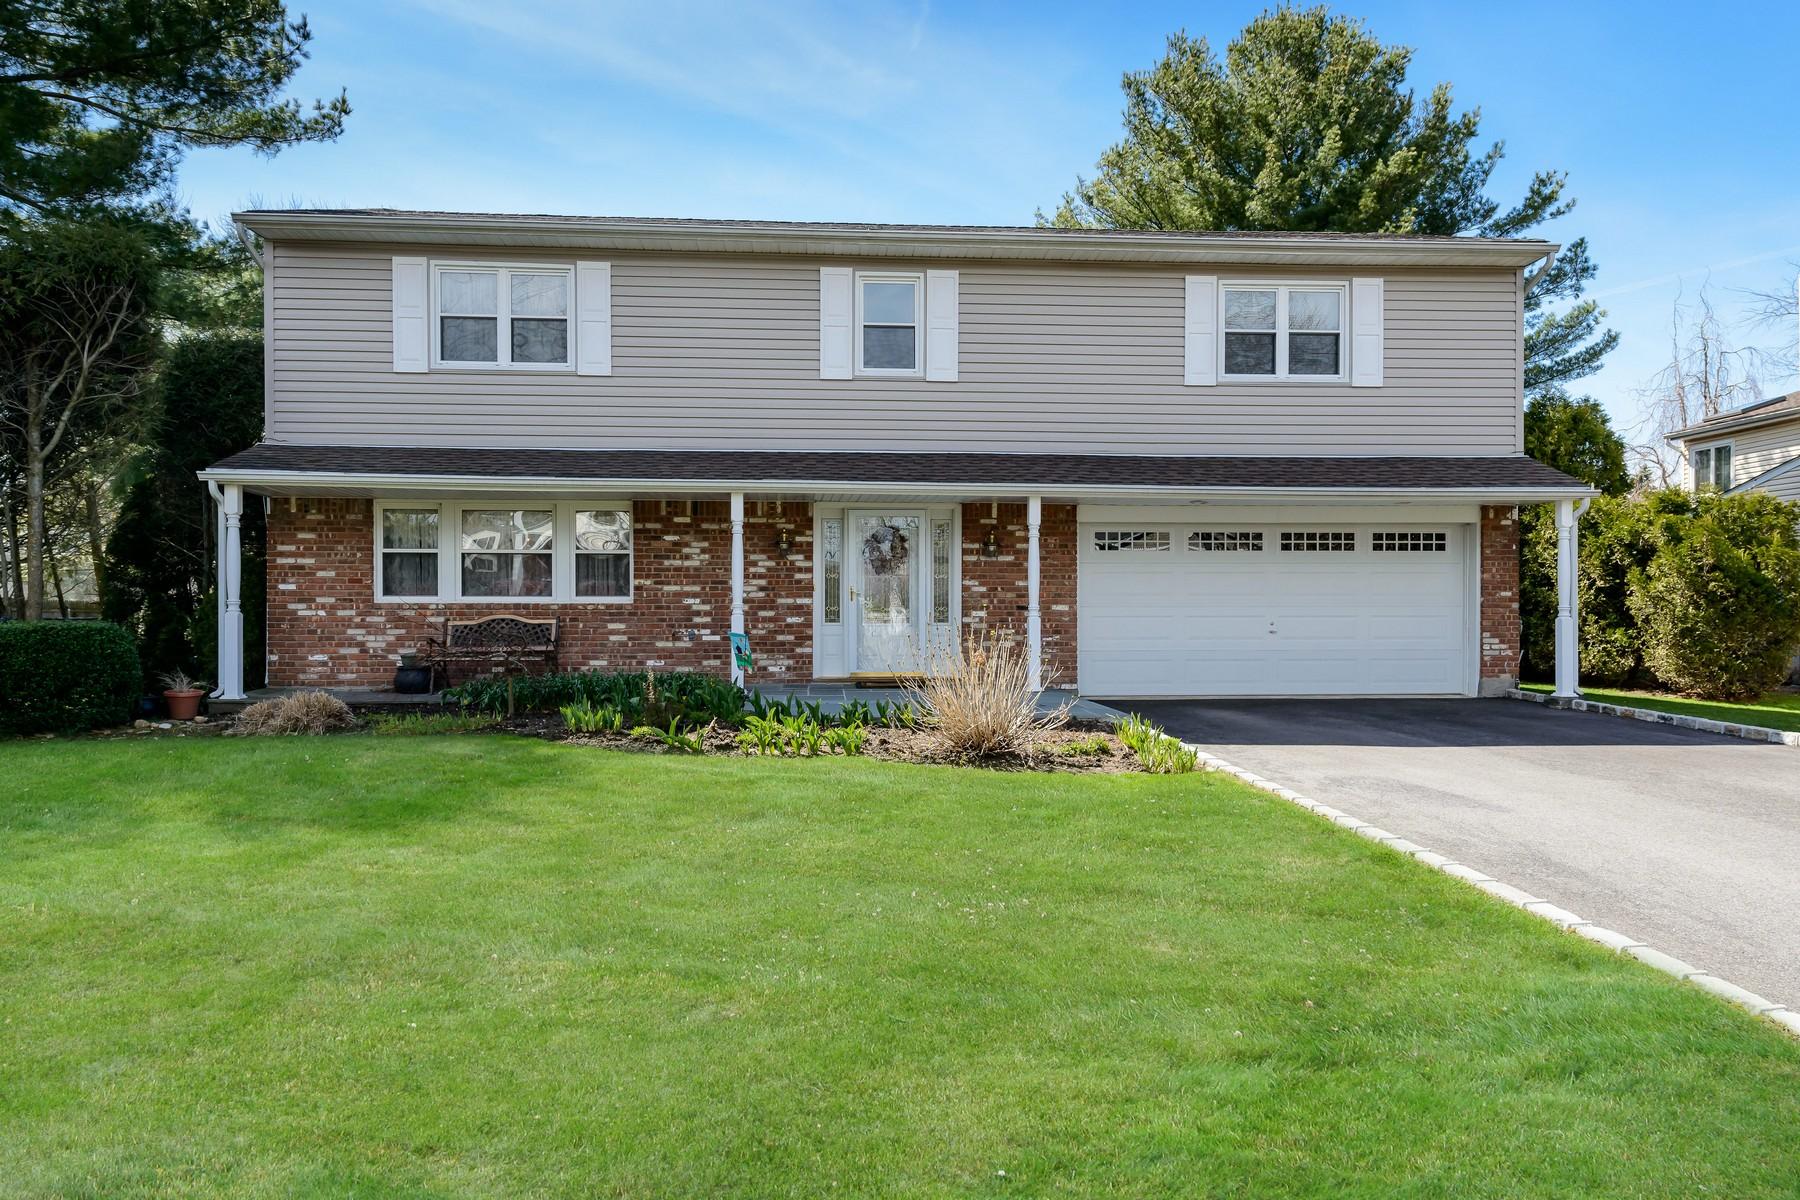 Частный односемейный дом для того Продажа на 5 Wagamon Dr , Woodbury, NY 11797 Woodbury, Нью-Йорк, 11797 Соединенные Штаты